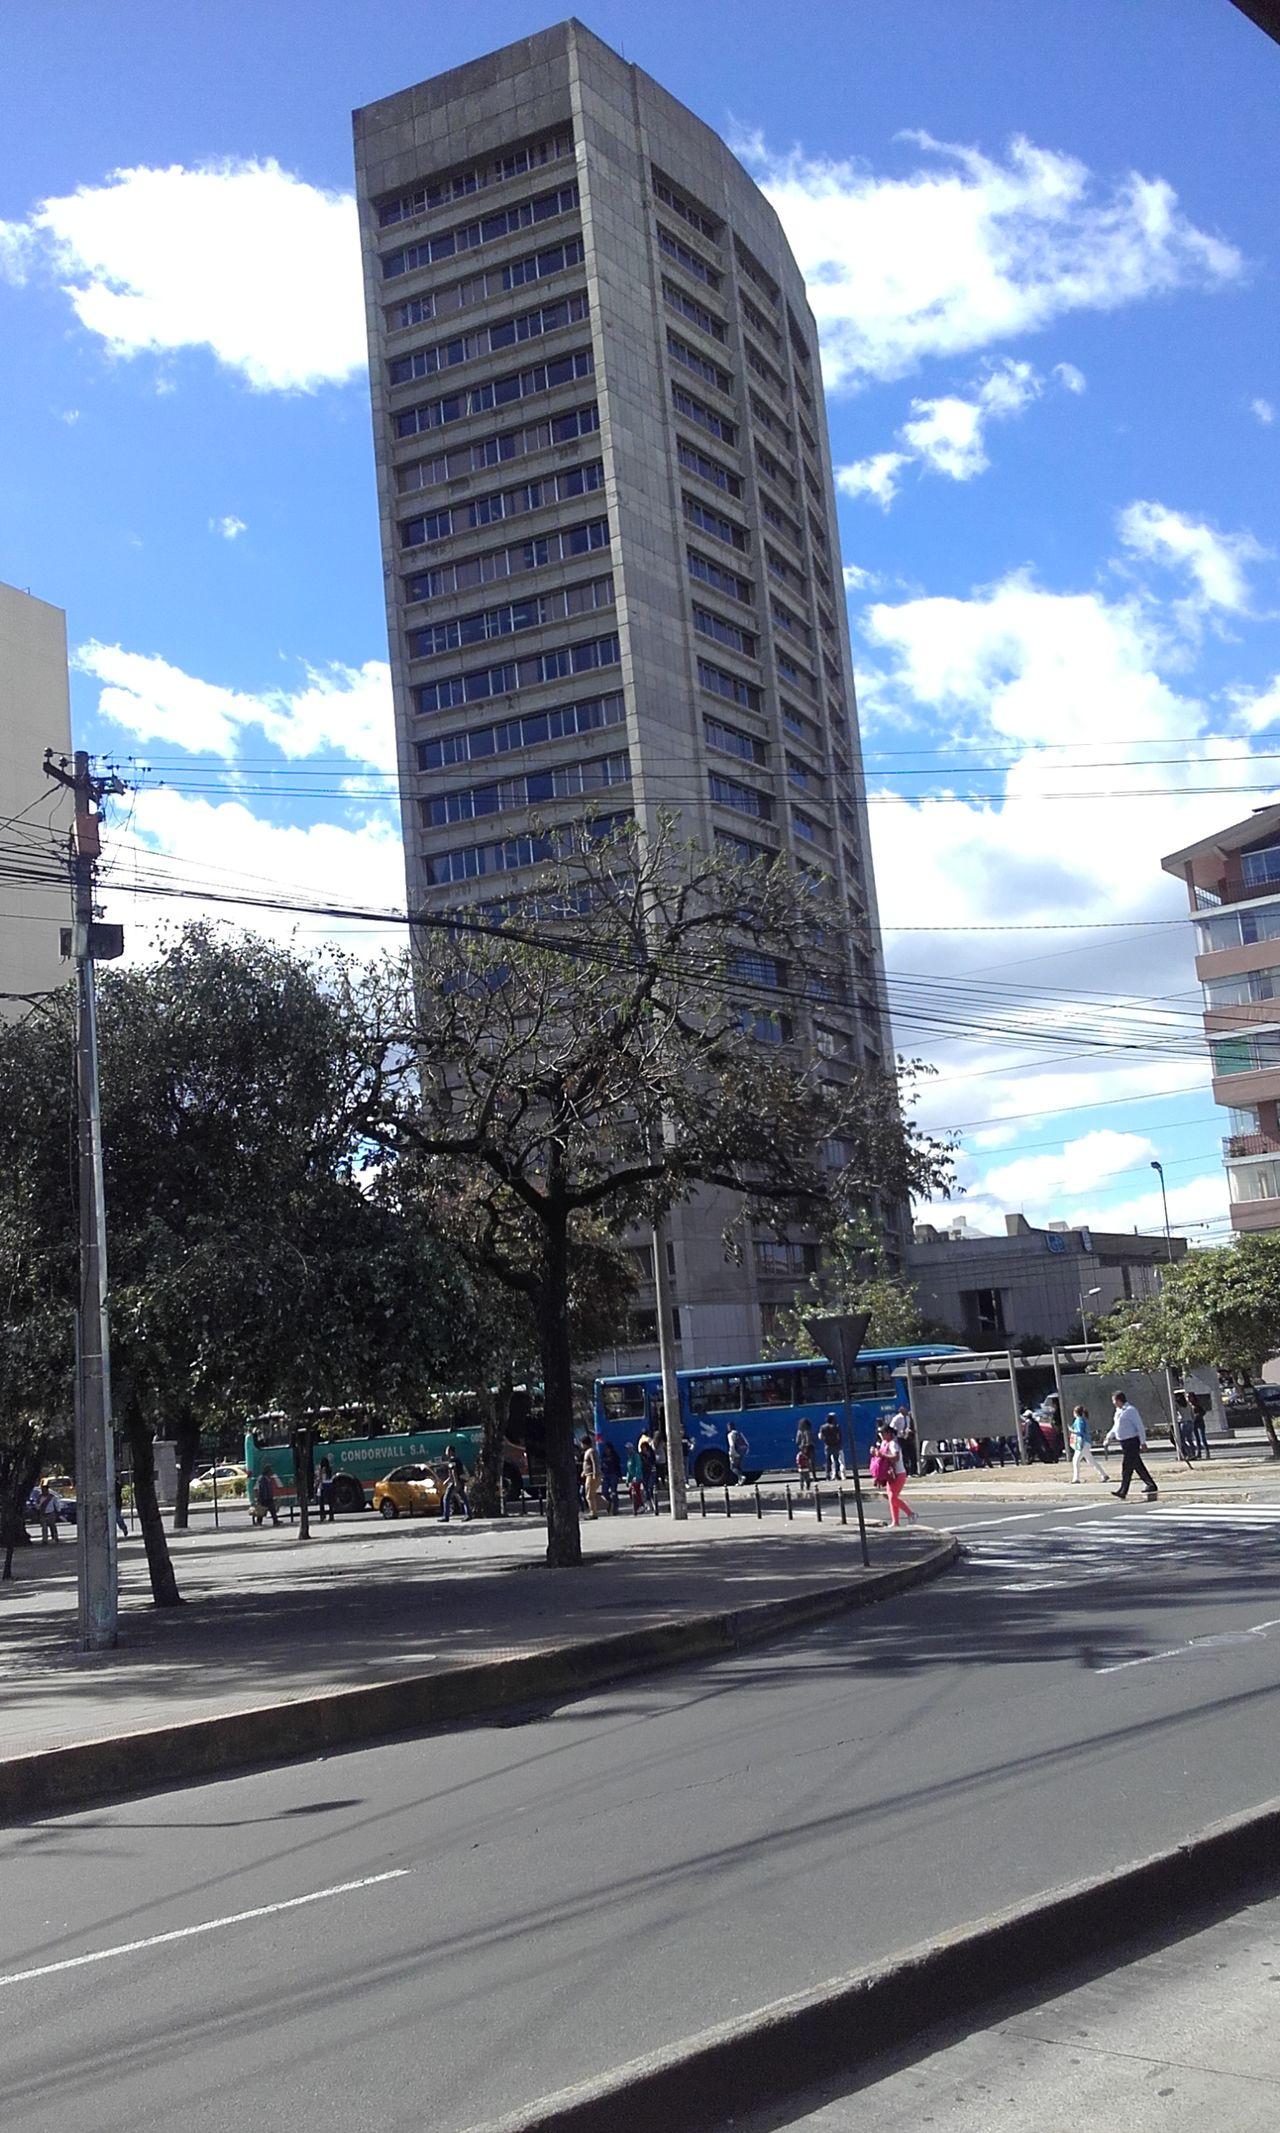 Building And Sky Building Quito Ecuador Quito Sky